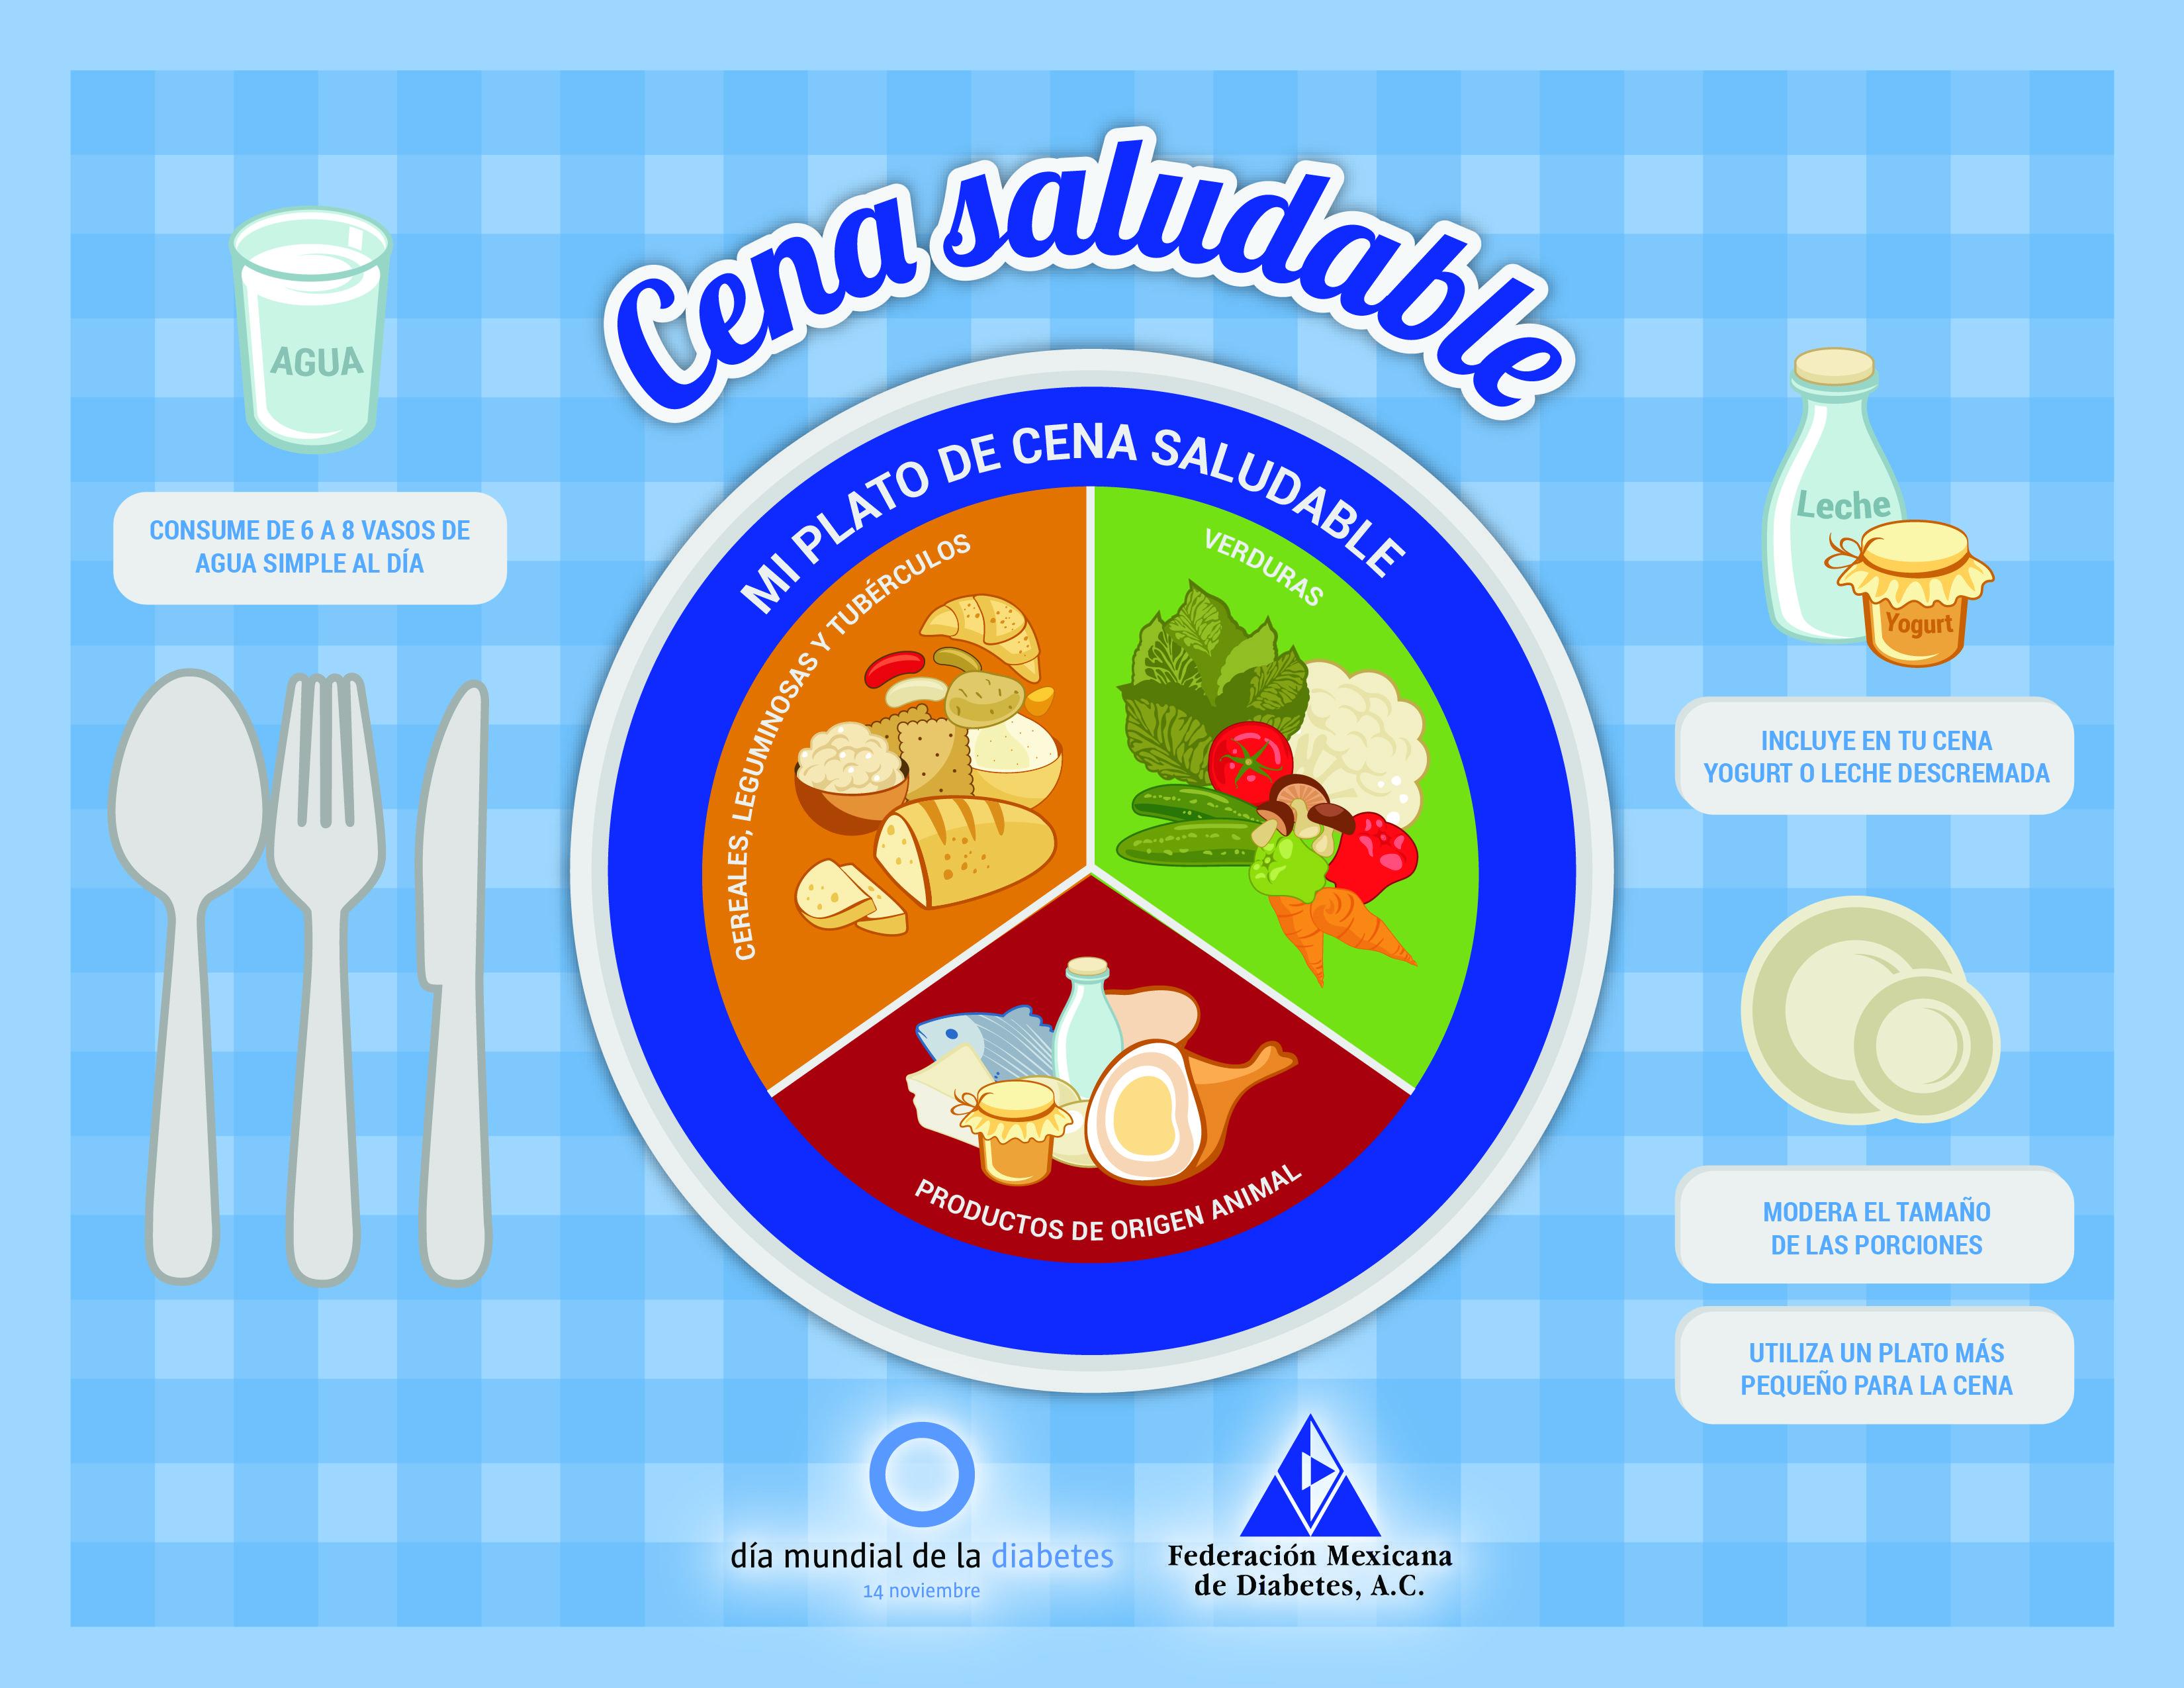 Manteletas del desayuno comida y cena saludable - Ideas para una cena saludable ...